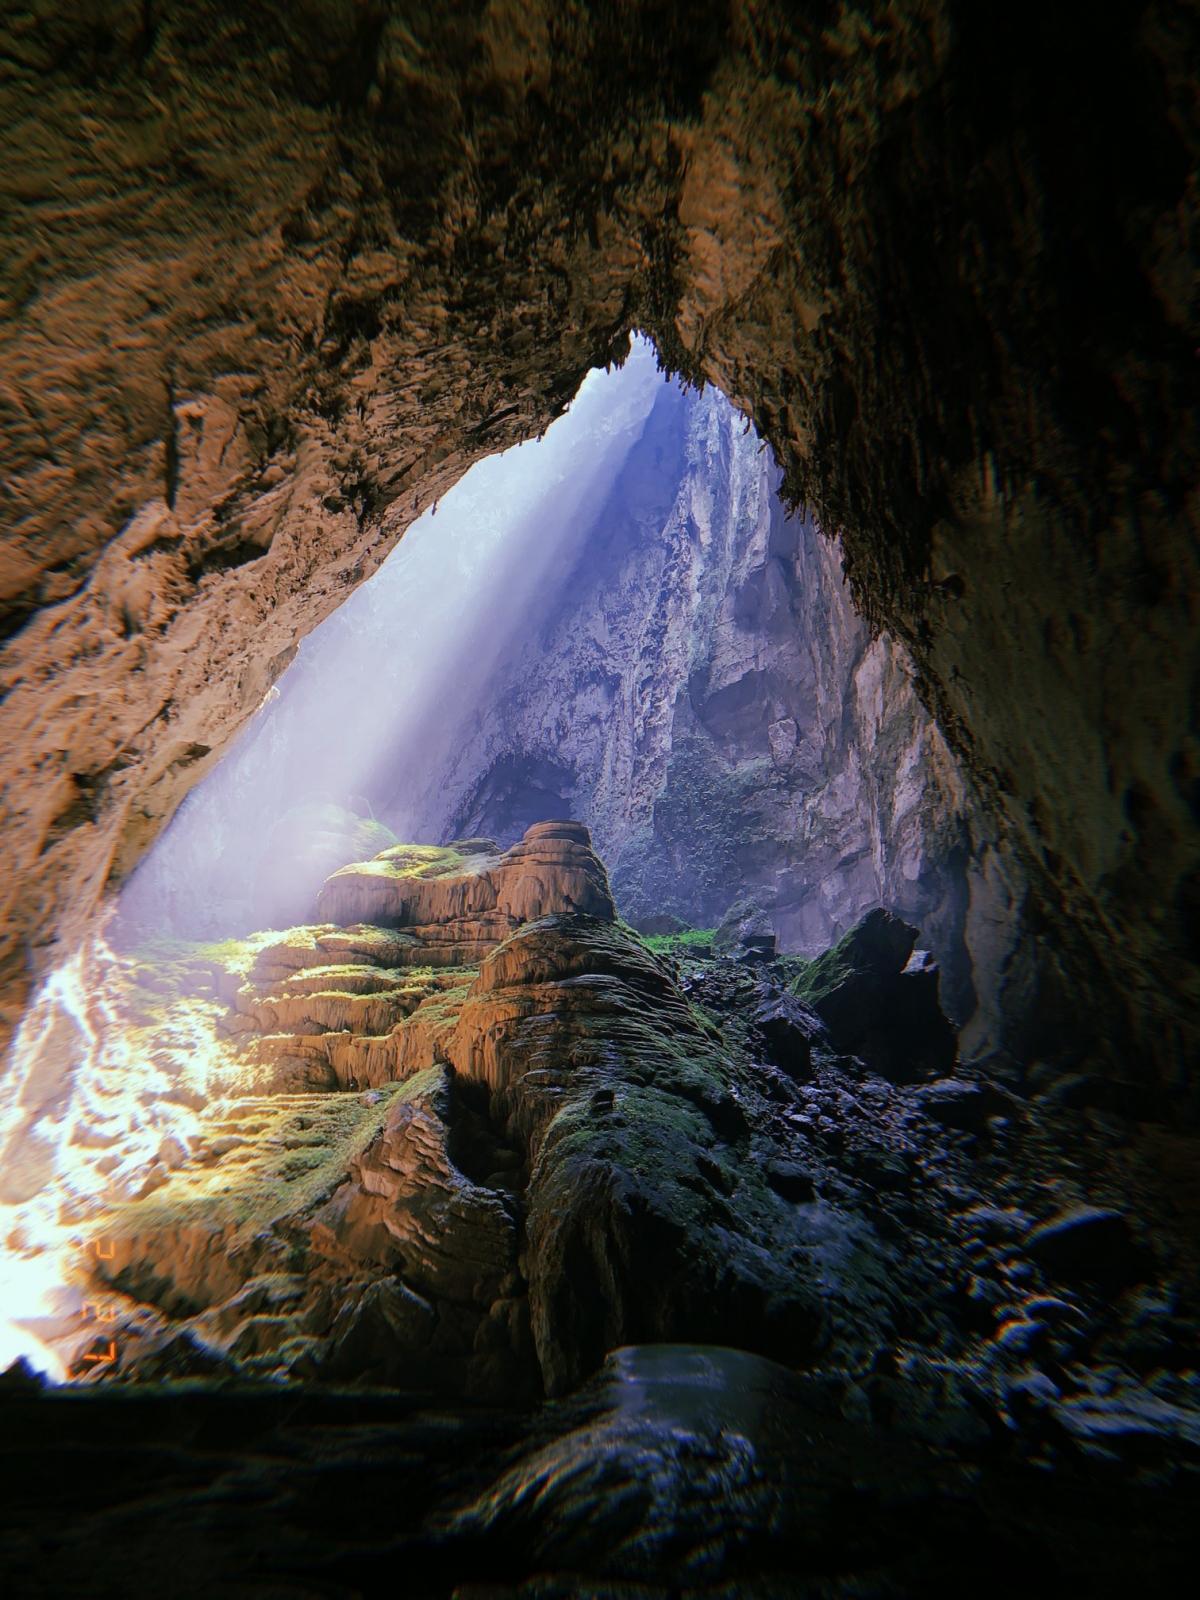 Ánh sáng xuyên vào khu vực hố sụt 2 nổi tiếng trong hang Sơn Đoòng.Nguồn:Oxalis Adventures